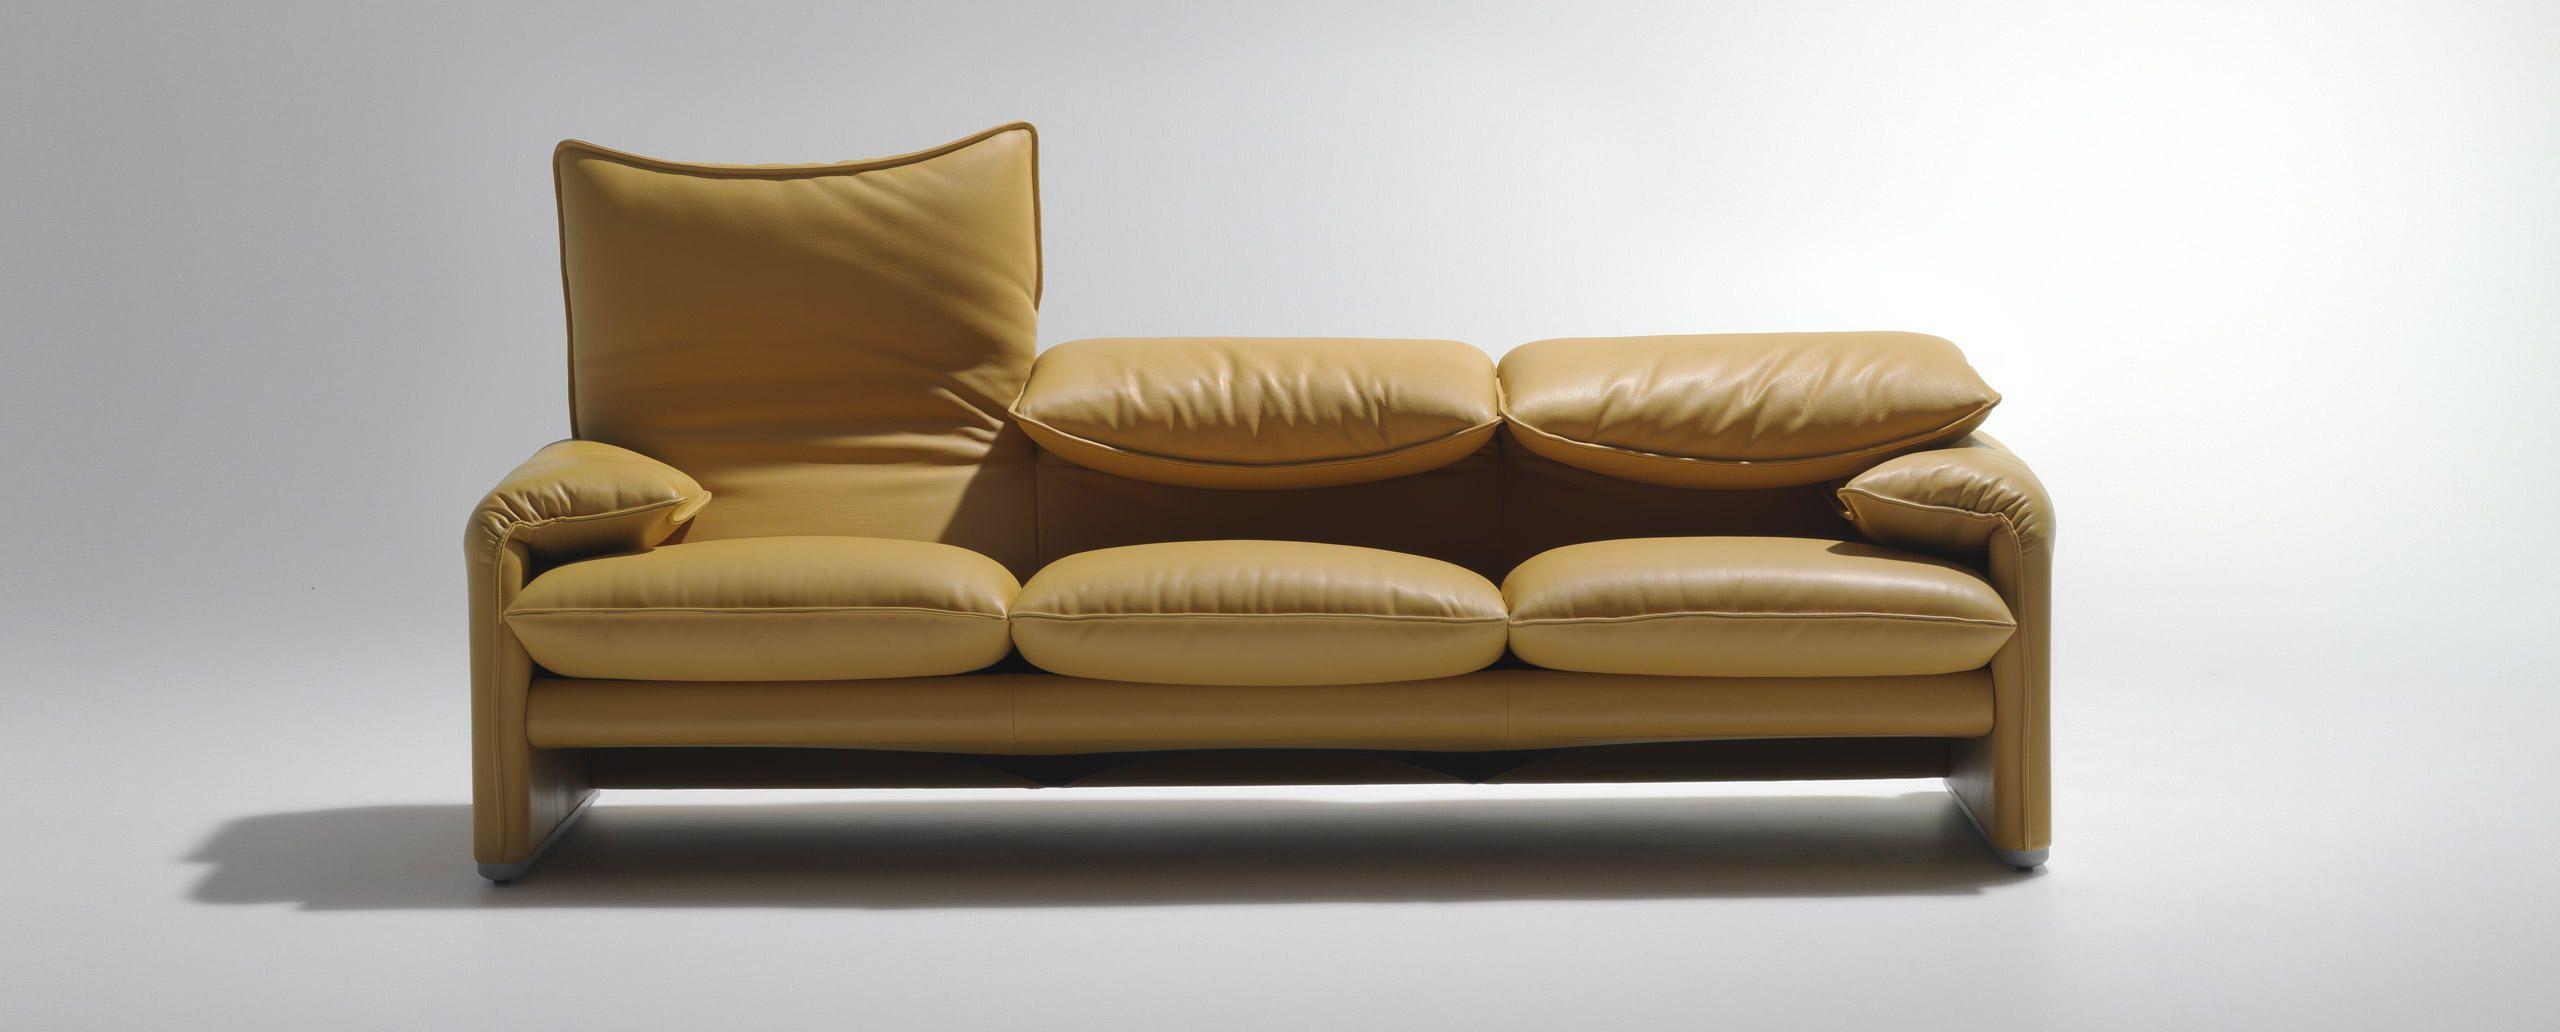 Simbad sofa - Vico Magistretti 1981 - Cassina | Best design sofas ...